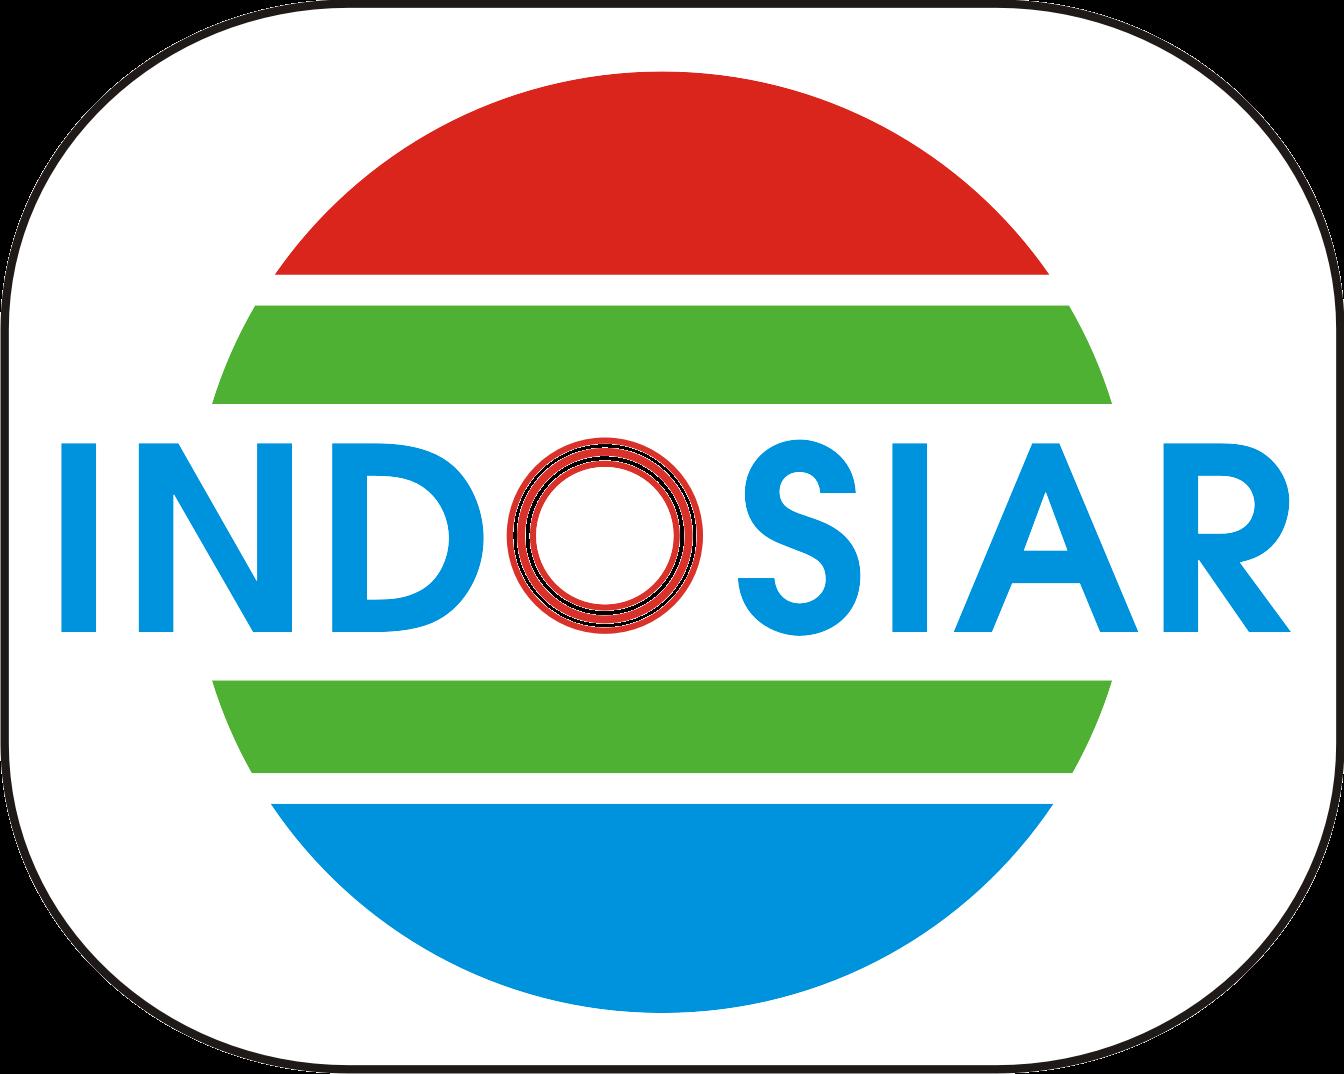 Indosiar Streaming Photo: Mbojo Network, Berita Dan Informasi Bima